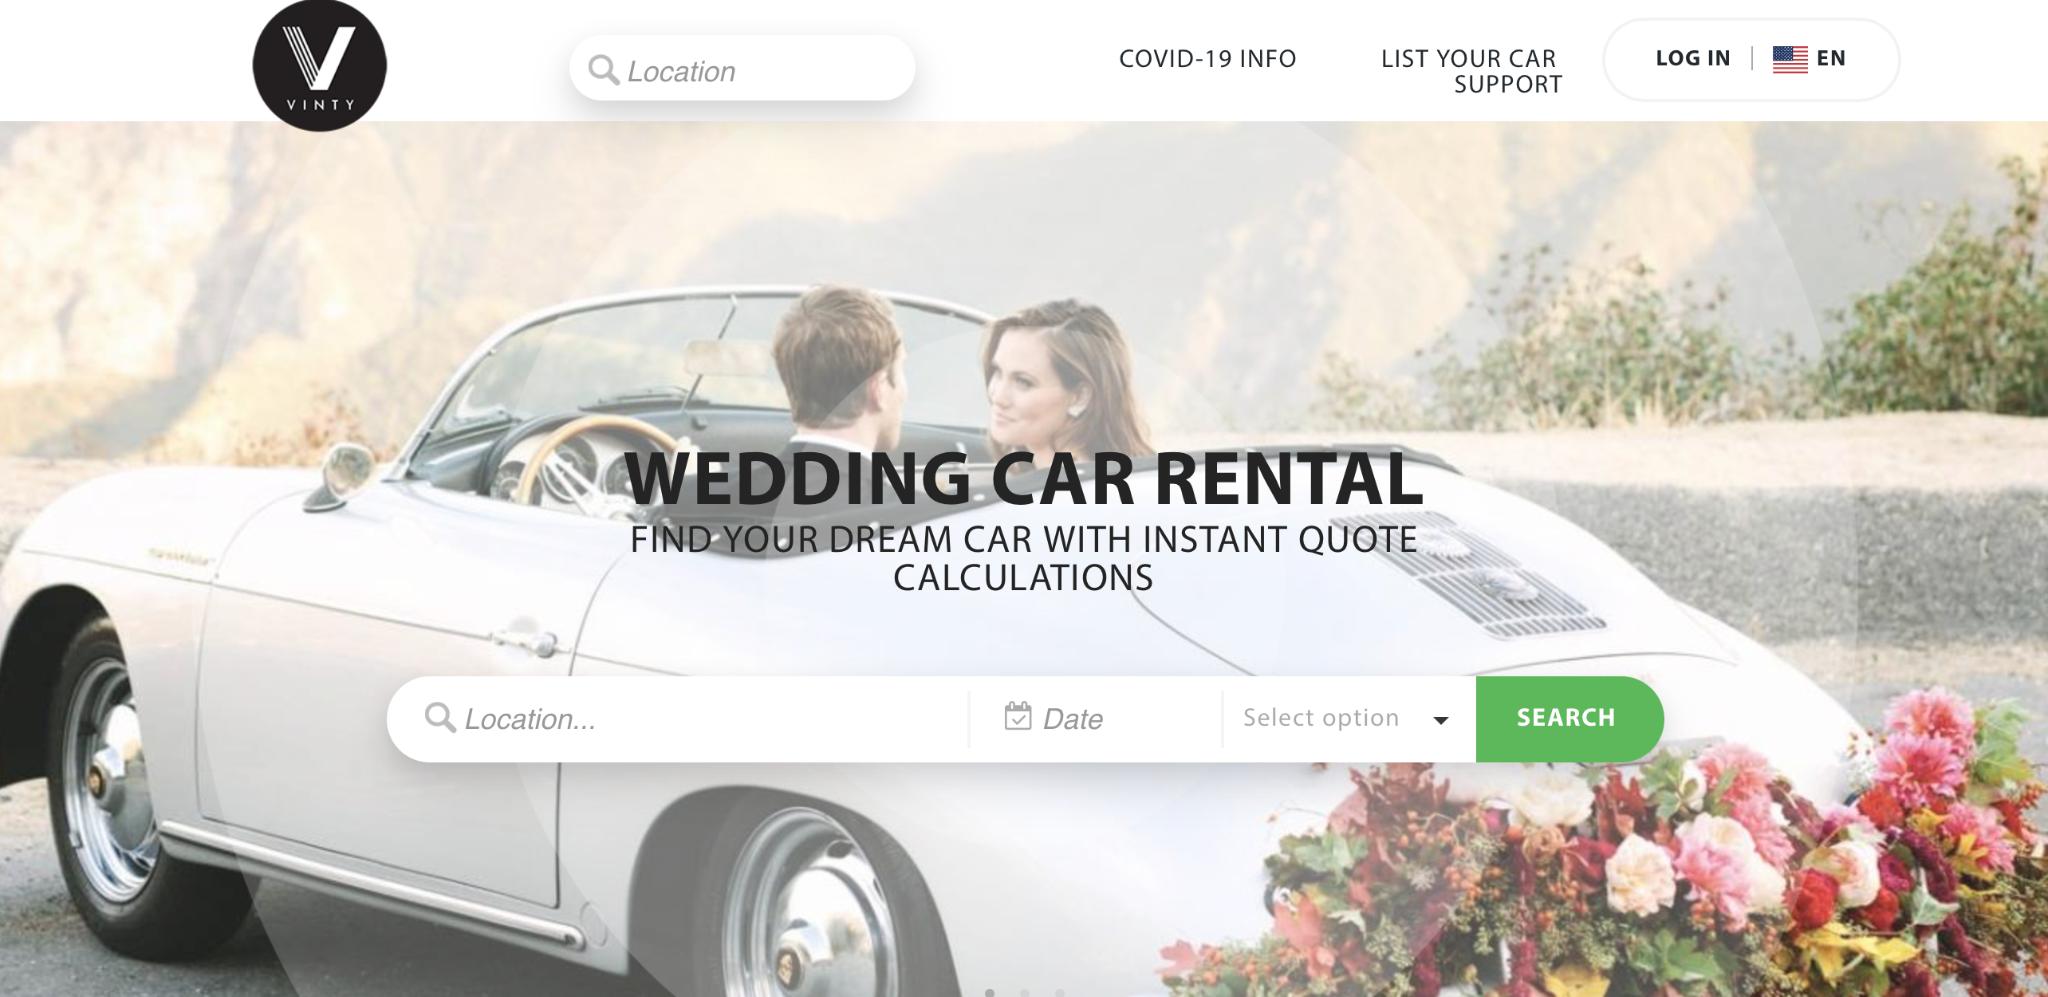 Vinty wedding car rental companies